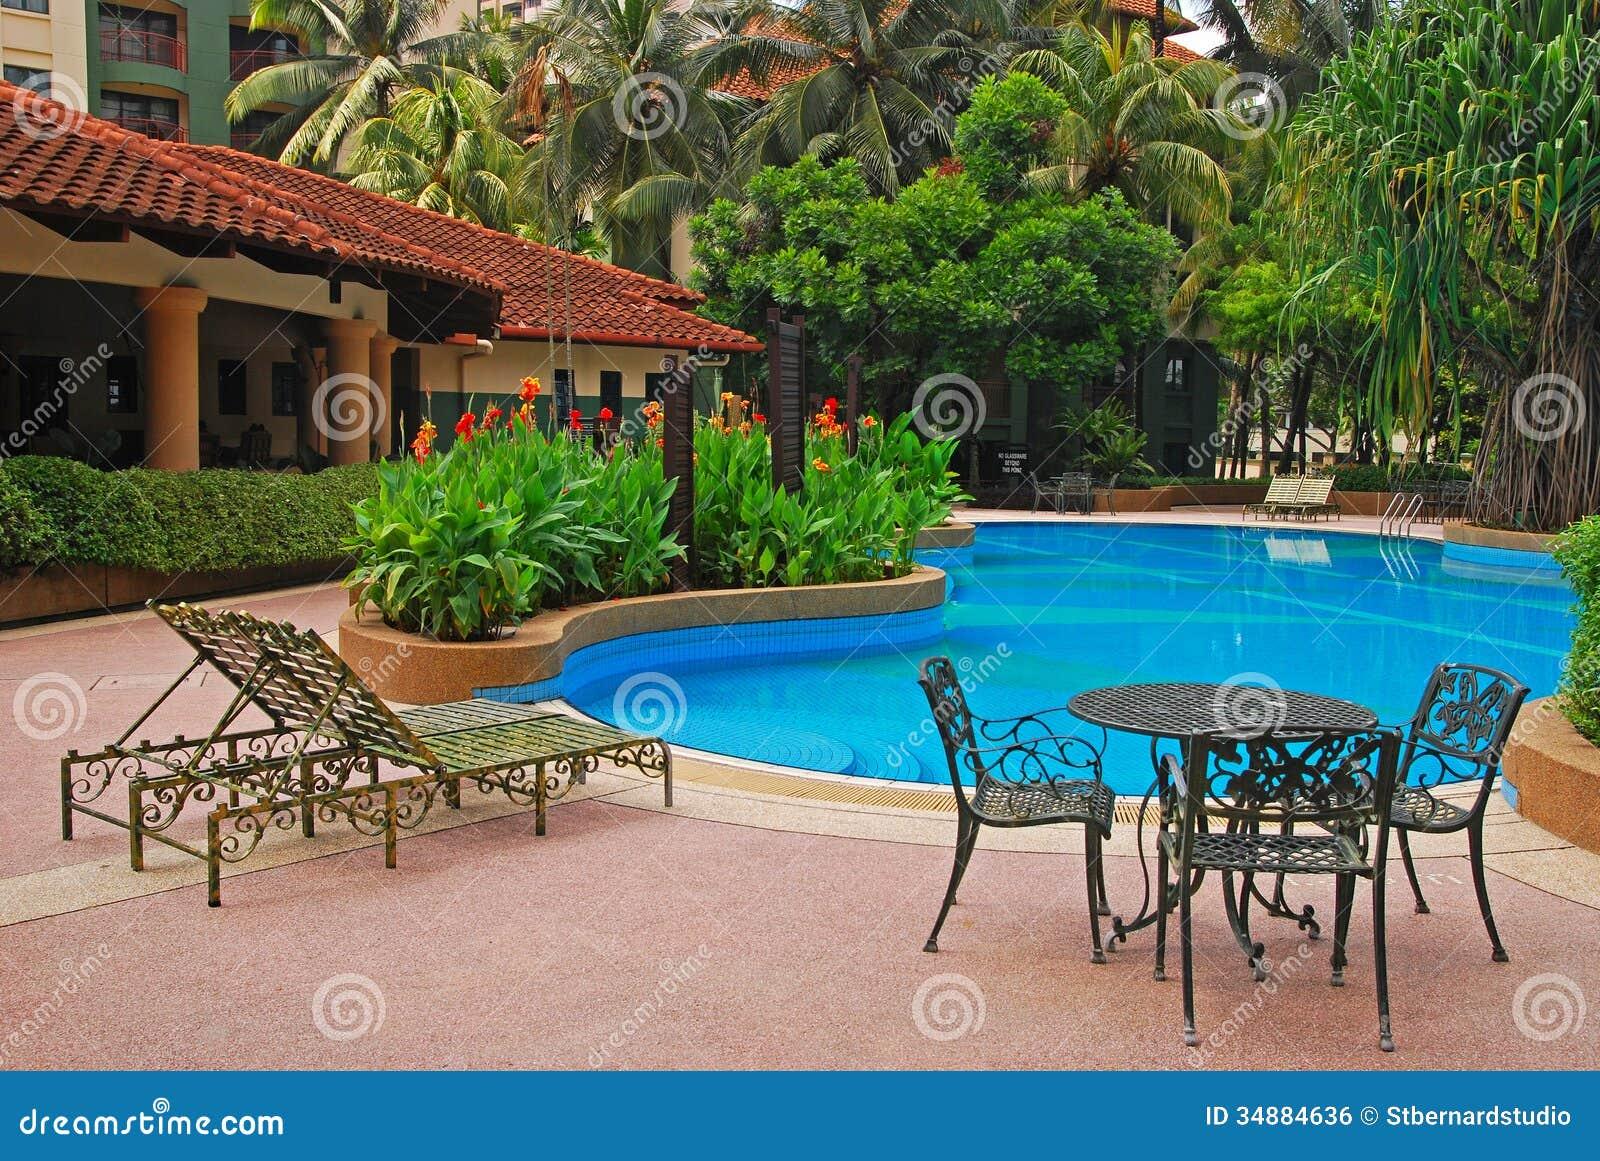 Piscine d 39 un condominium avec la chaise de chaise longue for Table de piscine